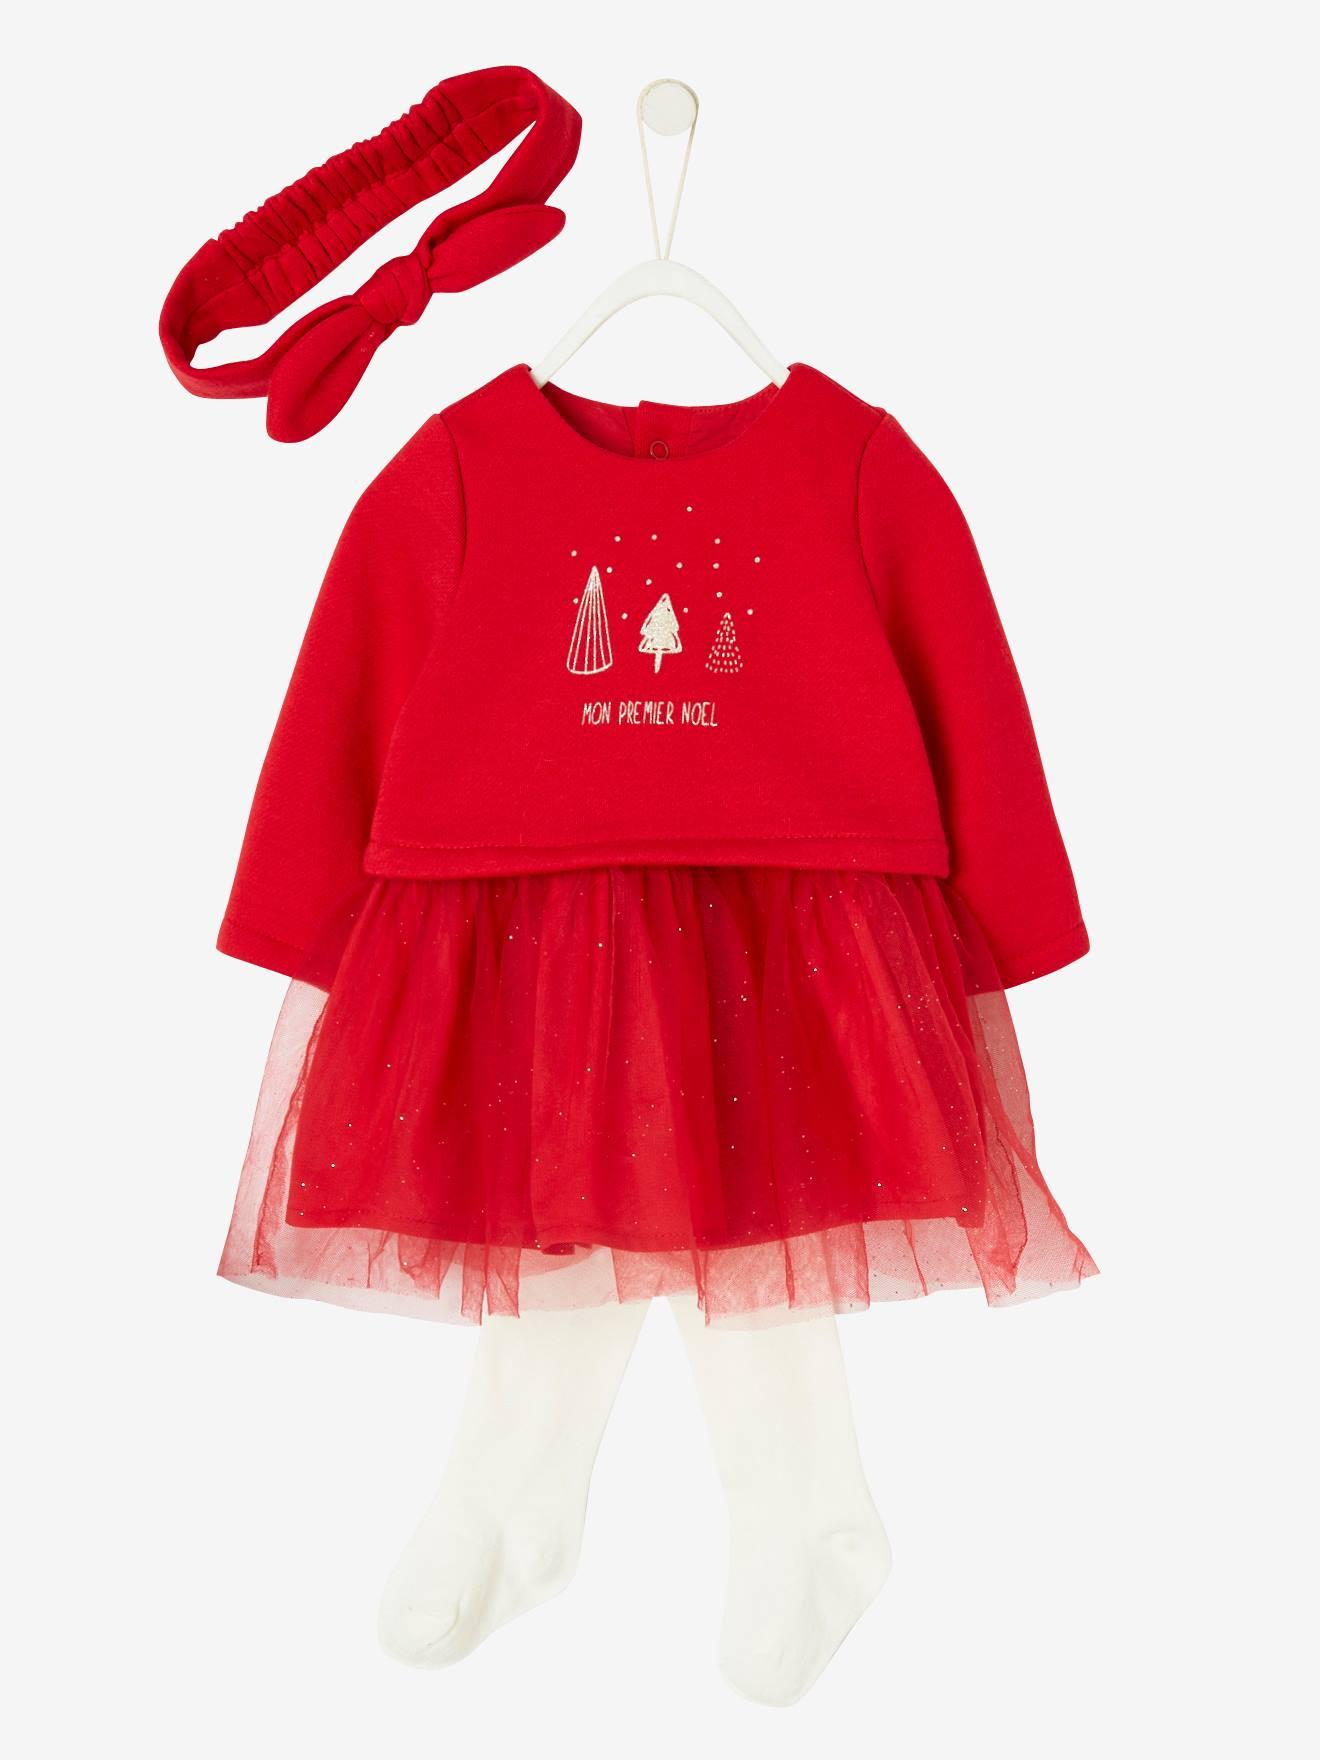 Pyjamas Vêtements Noel Pour Bébé Et Enfants Habiller Bébé